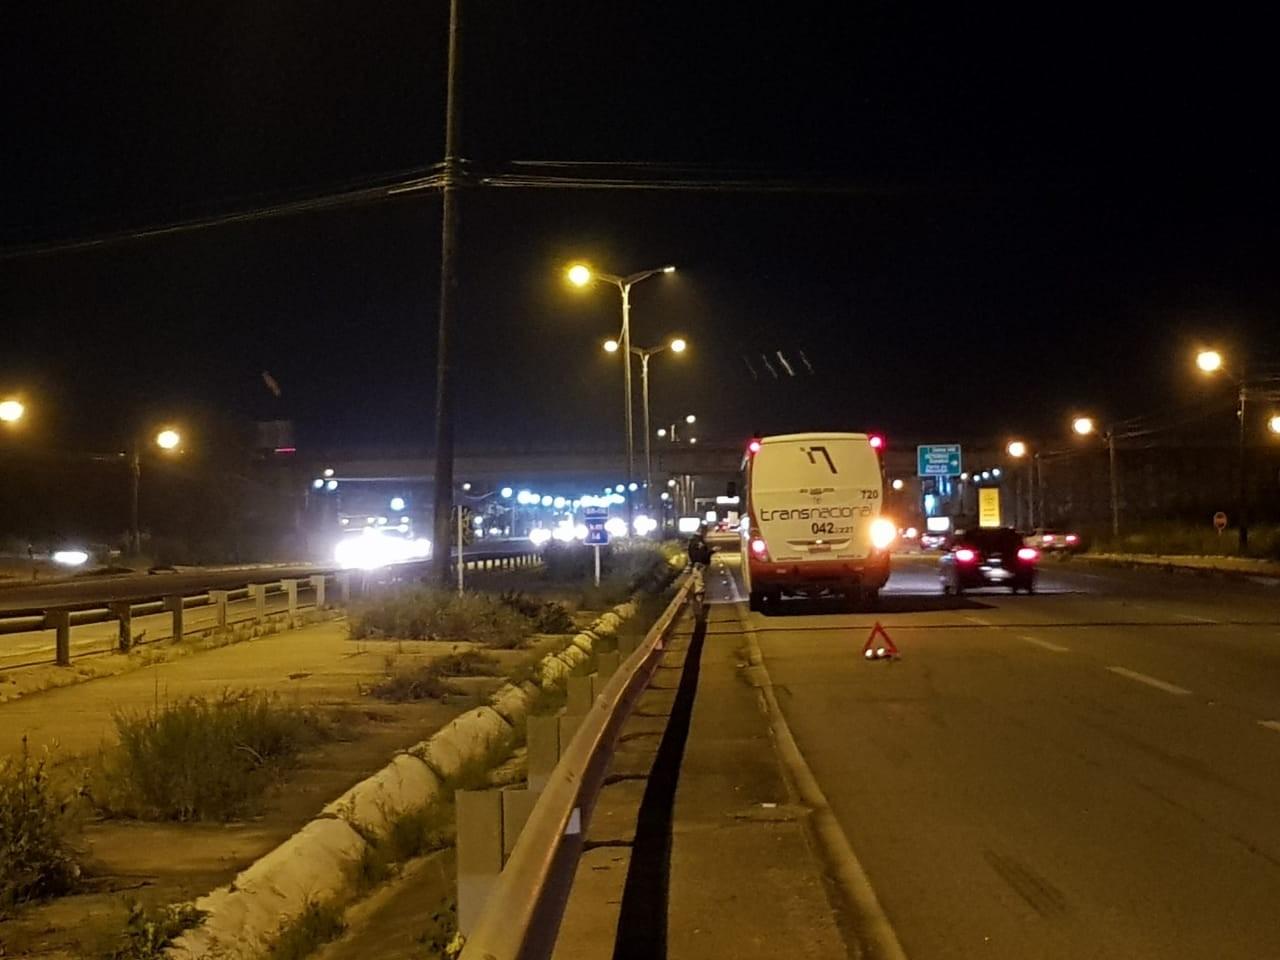 Pedestre morre após ser atropelado por ônibus na BR-116, em Fortaleza